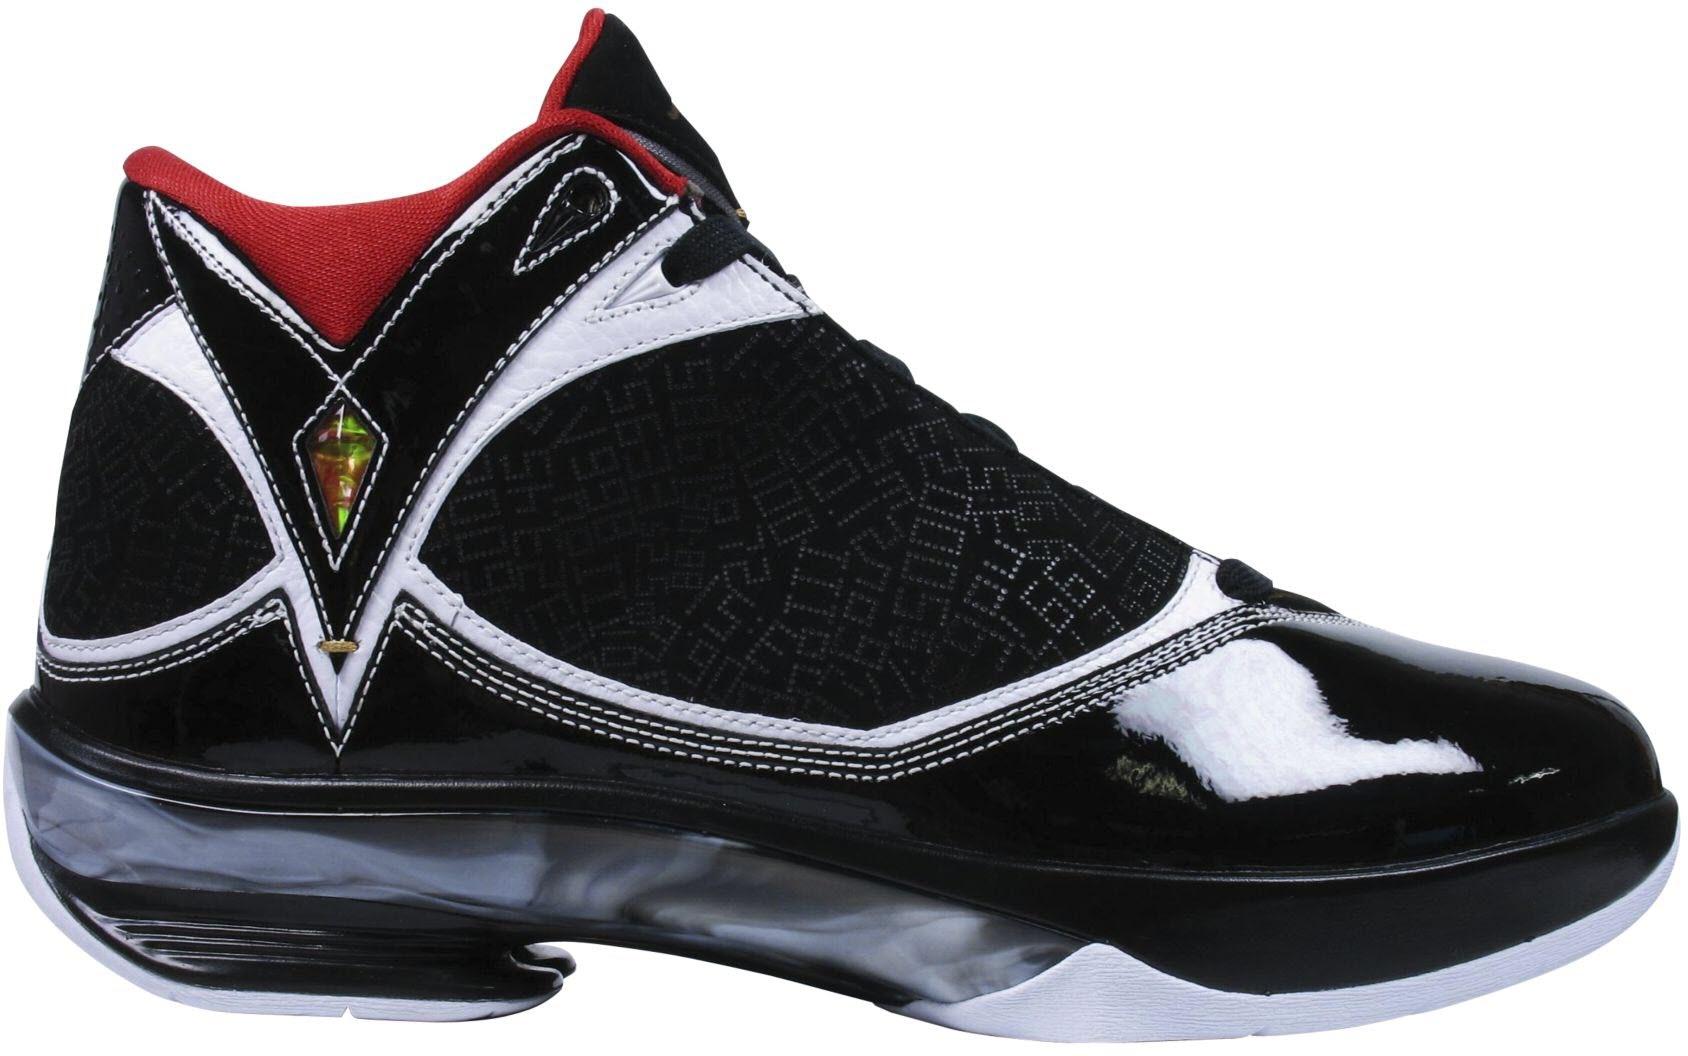 Jordan 2009 Hall of Fame Pack